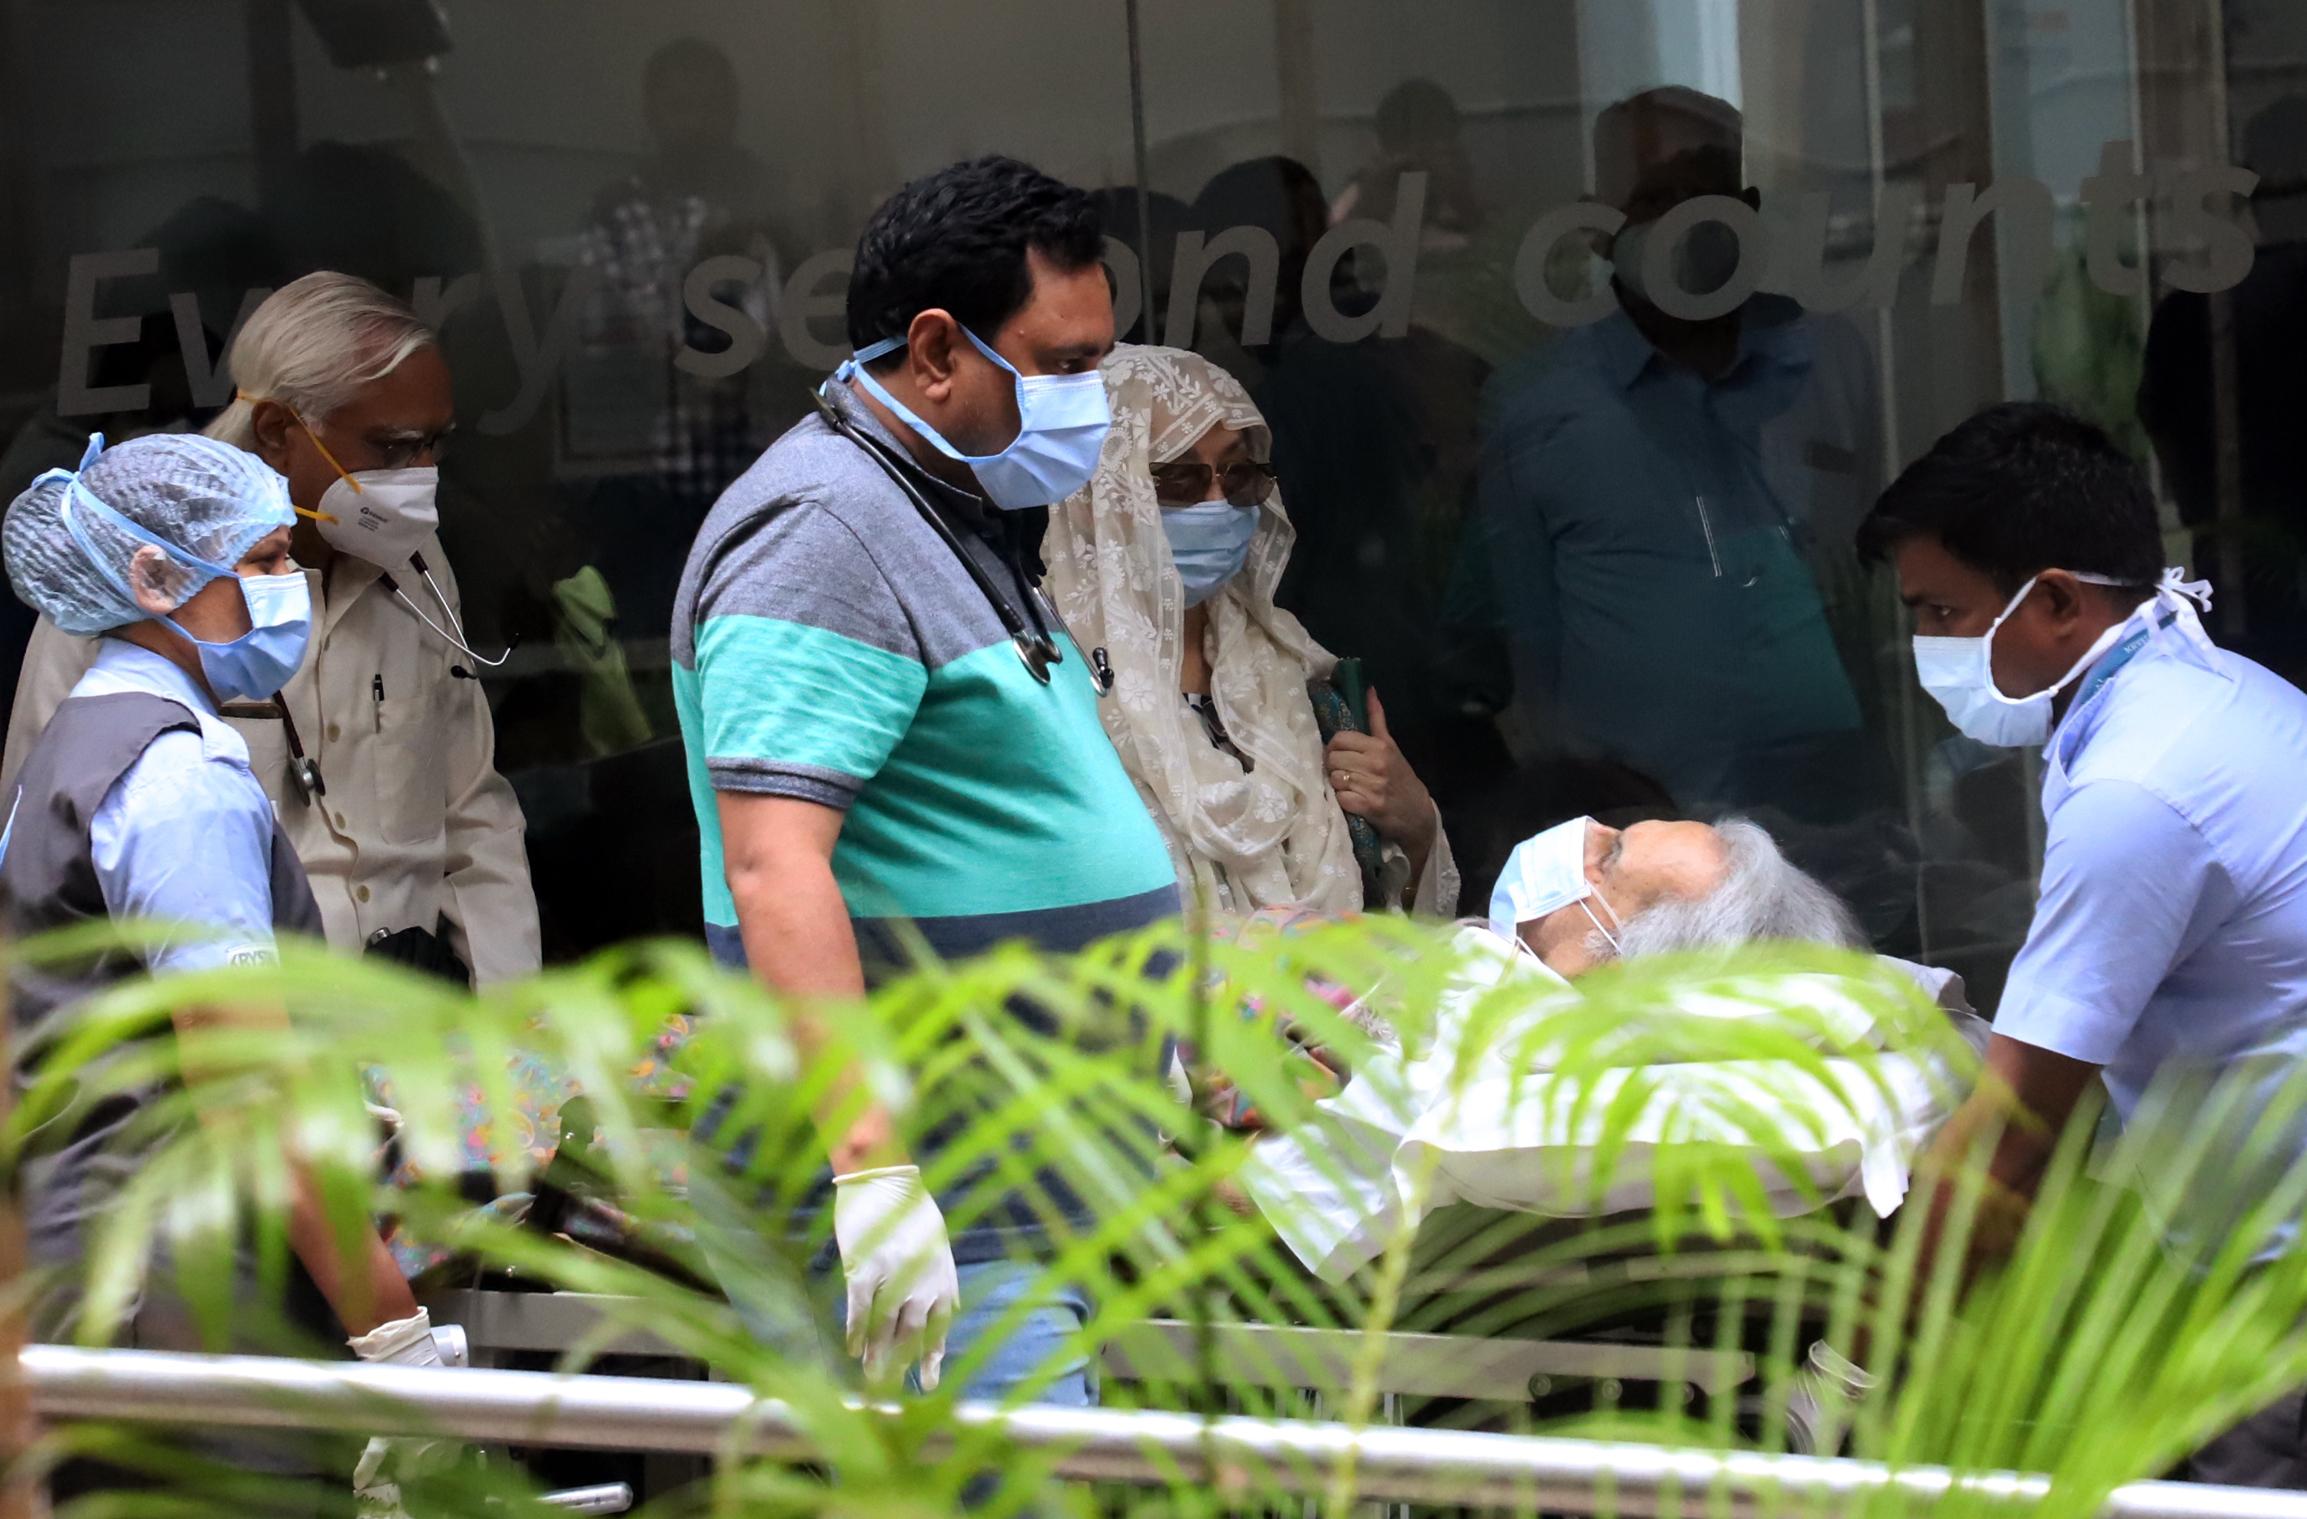 शुक्रवार को जिस वक्त दिलीप कुमार को अस्पताल से बाहर लाया गया, उस वक्त मुंबई में बारिश हो रही थी।